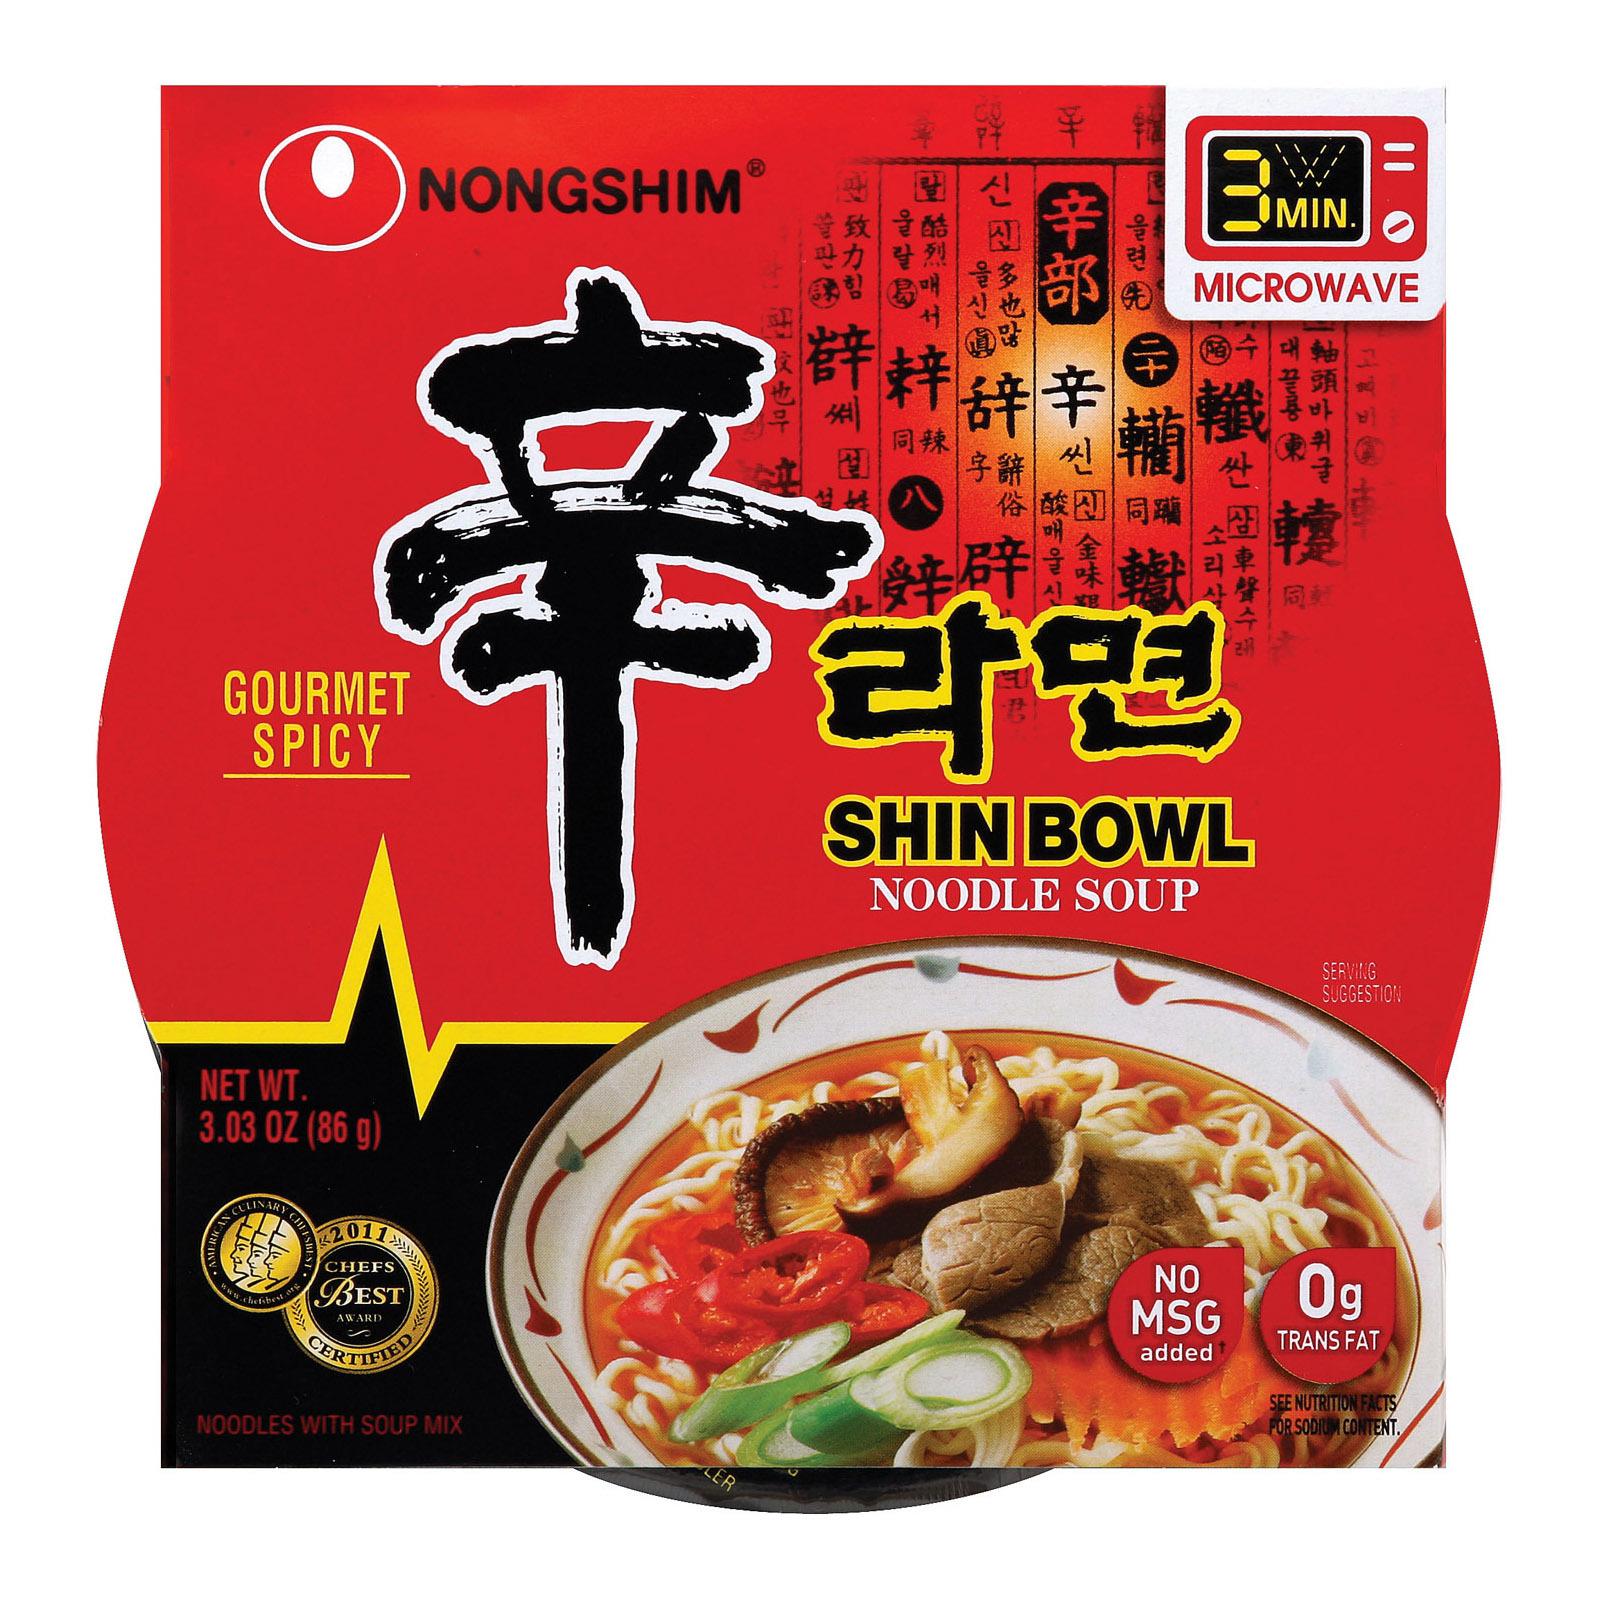 Nong Shim Noodle Soup Bowl - Shin - 3.03 oz.